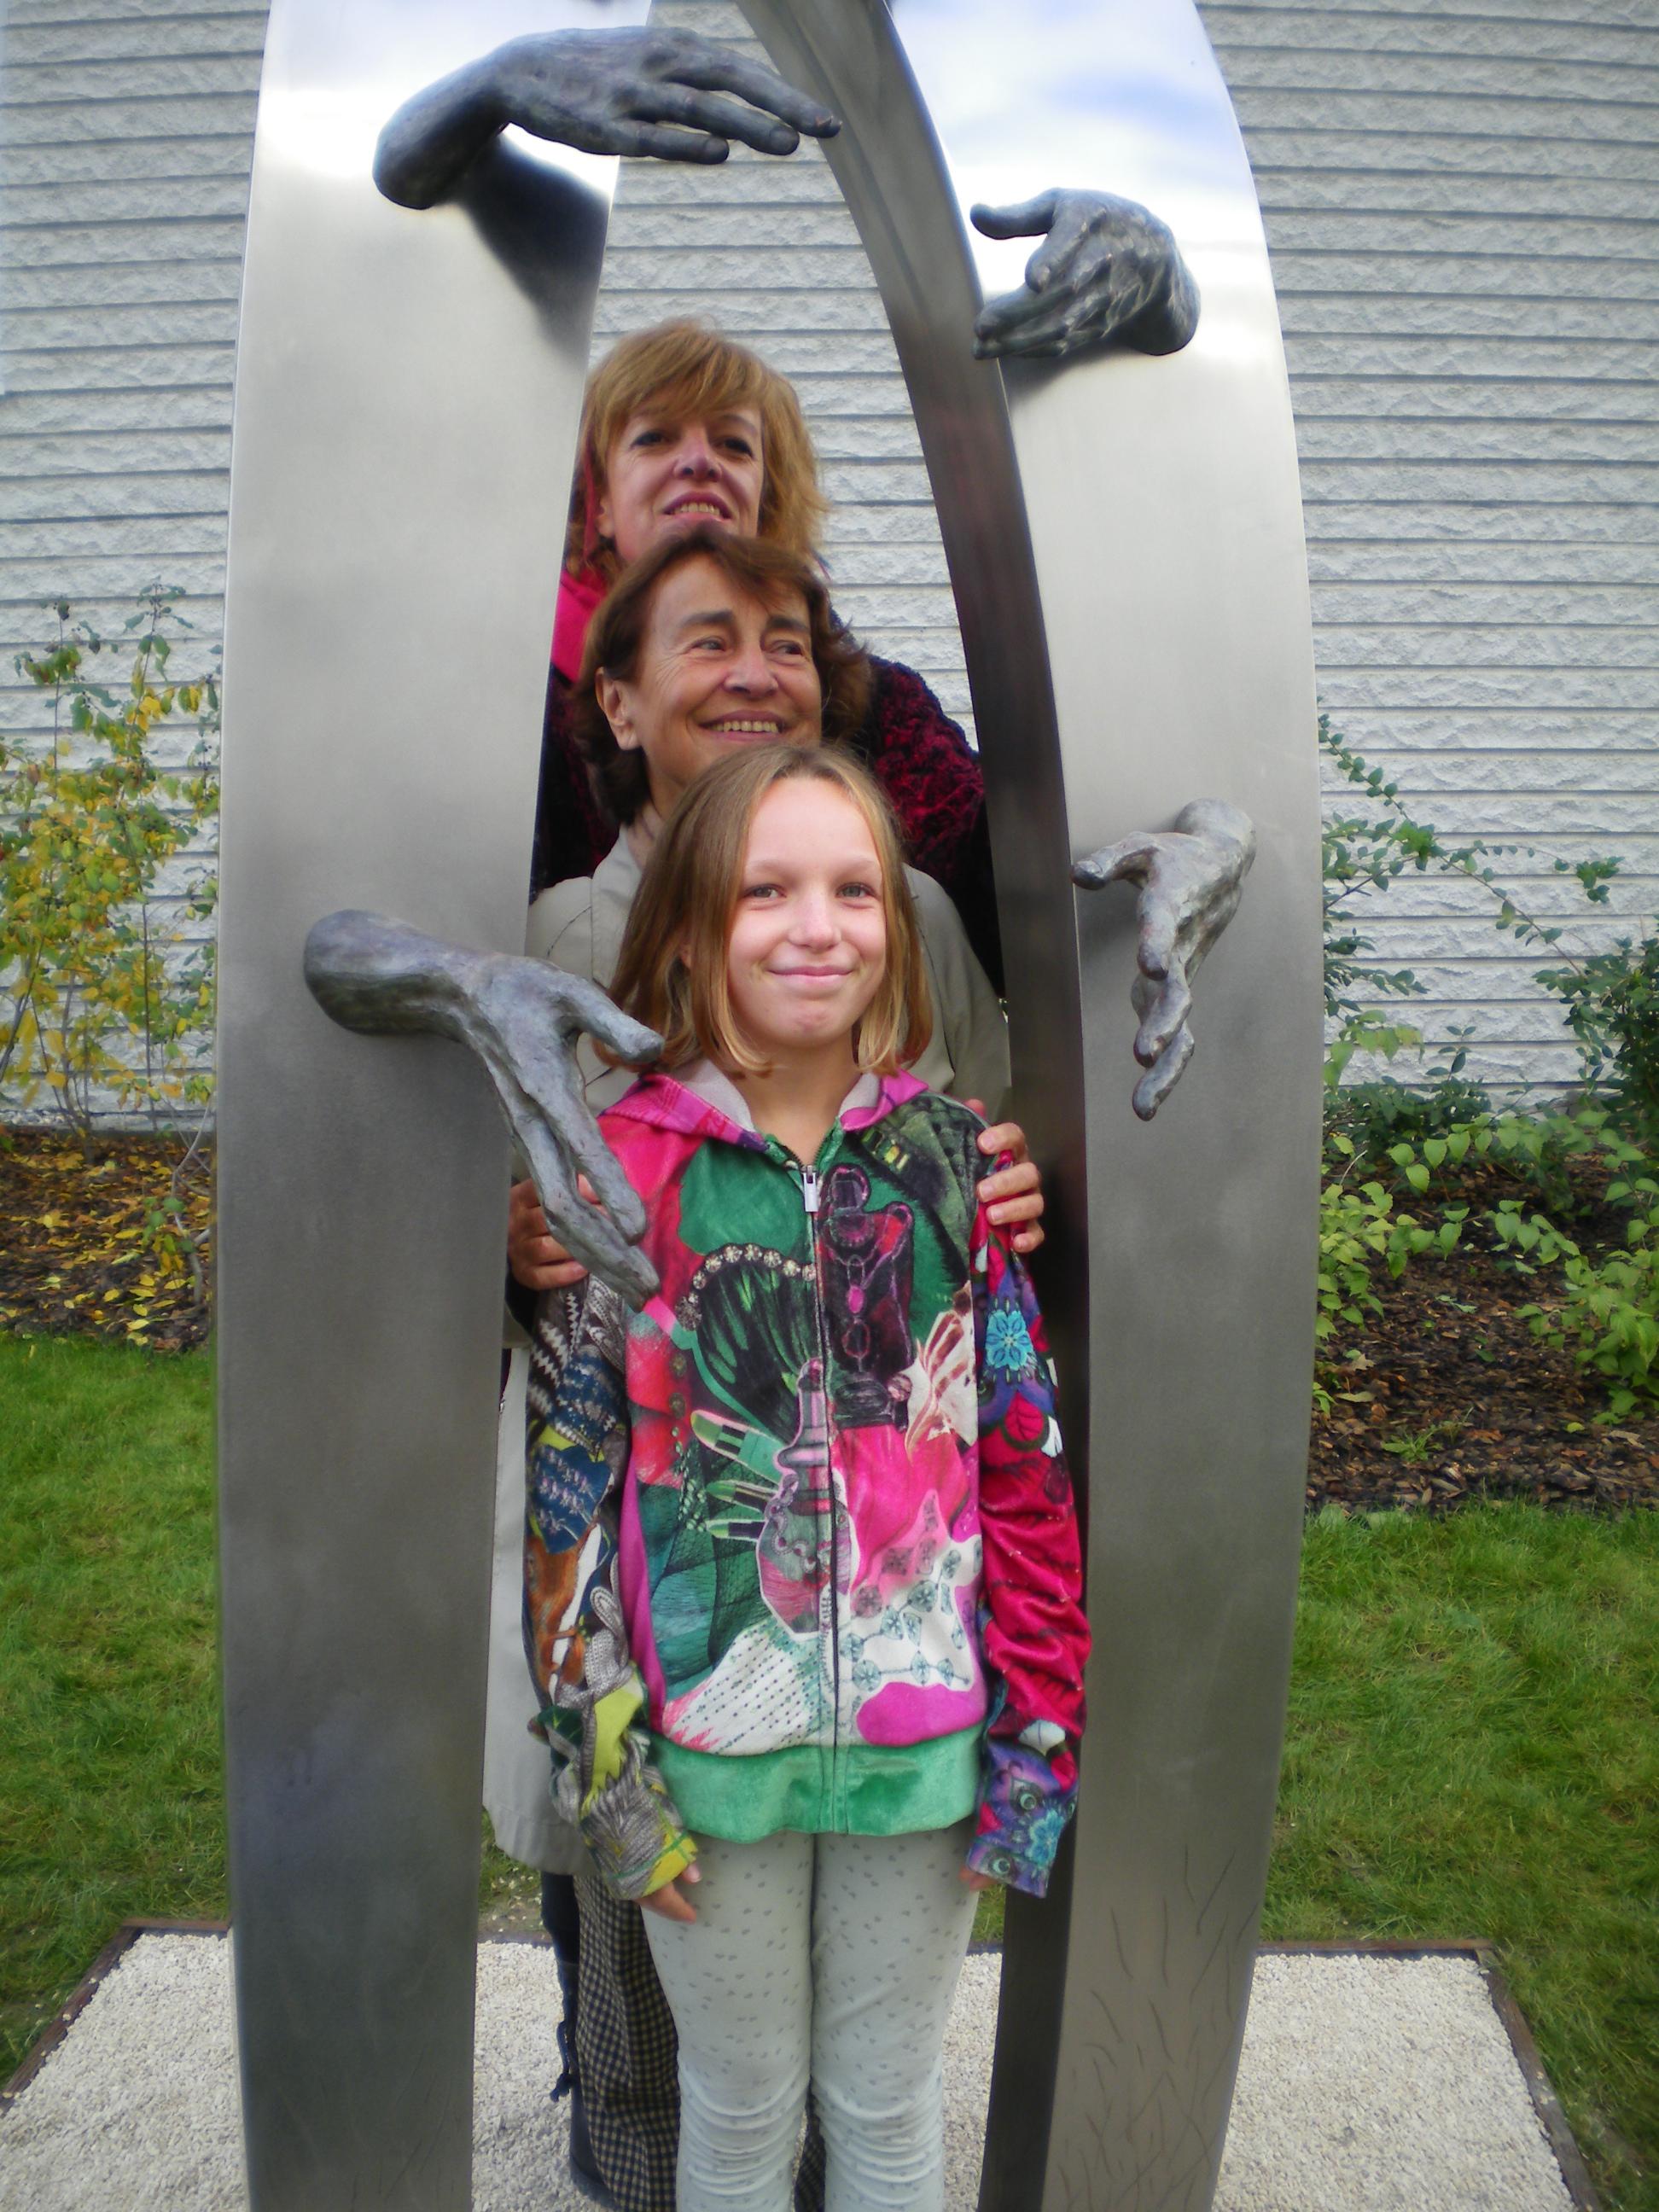 Entre Kymia et l'une de ses enfants,Suzanne Desbois, apparentée à Suzanne Noël